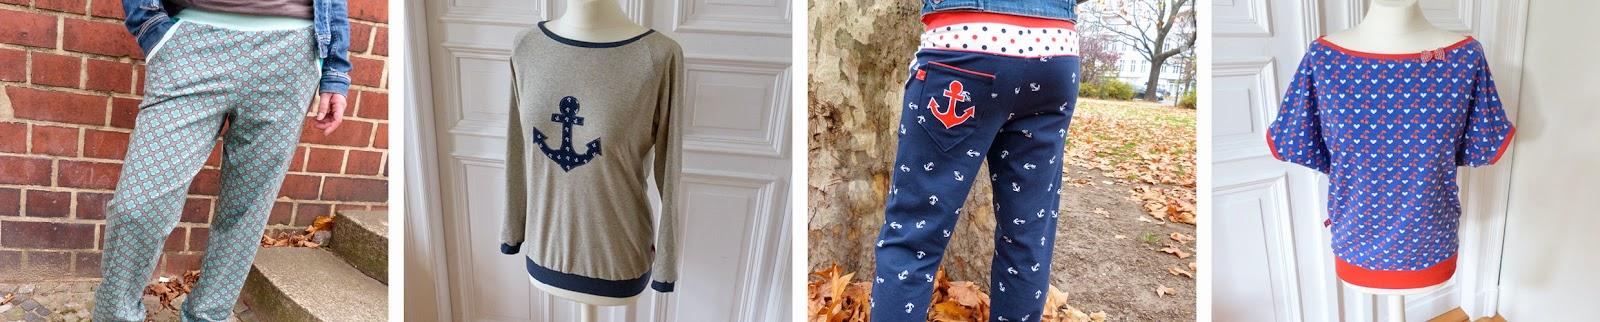 Genähtes für mich: Mamas Lieblingsbuxe, Raglanshirt Kaschi, Shirt kalte Schulter